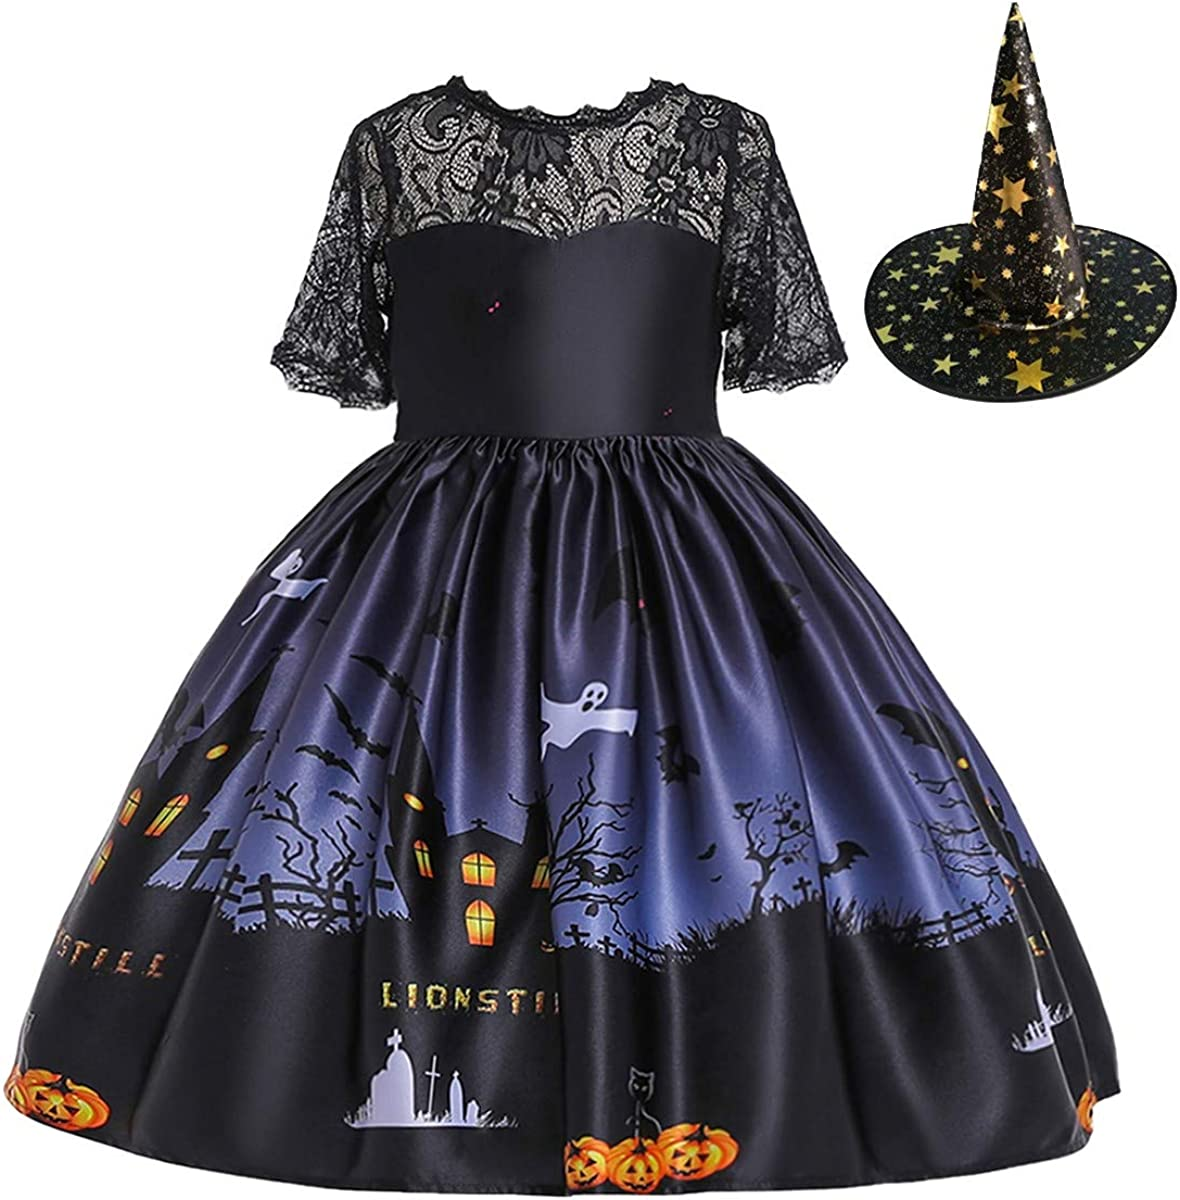 Light Up costume Fancy Dress Skull Lantern